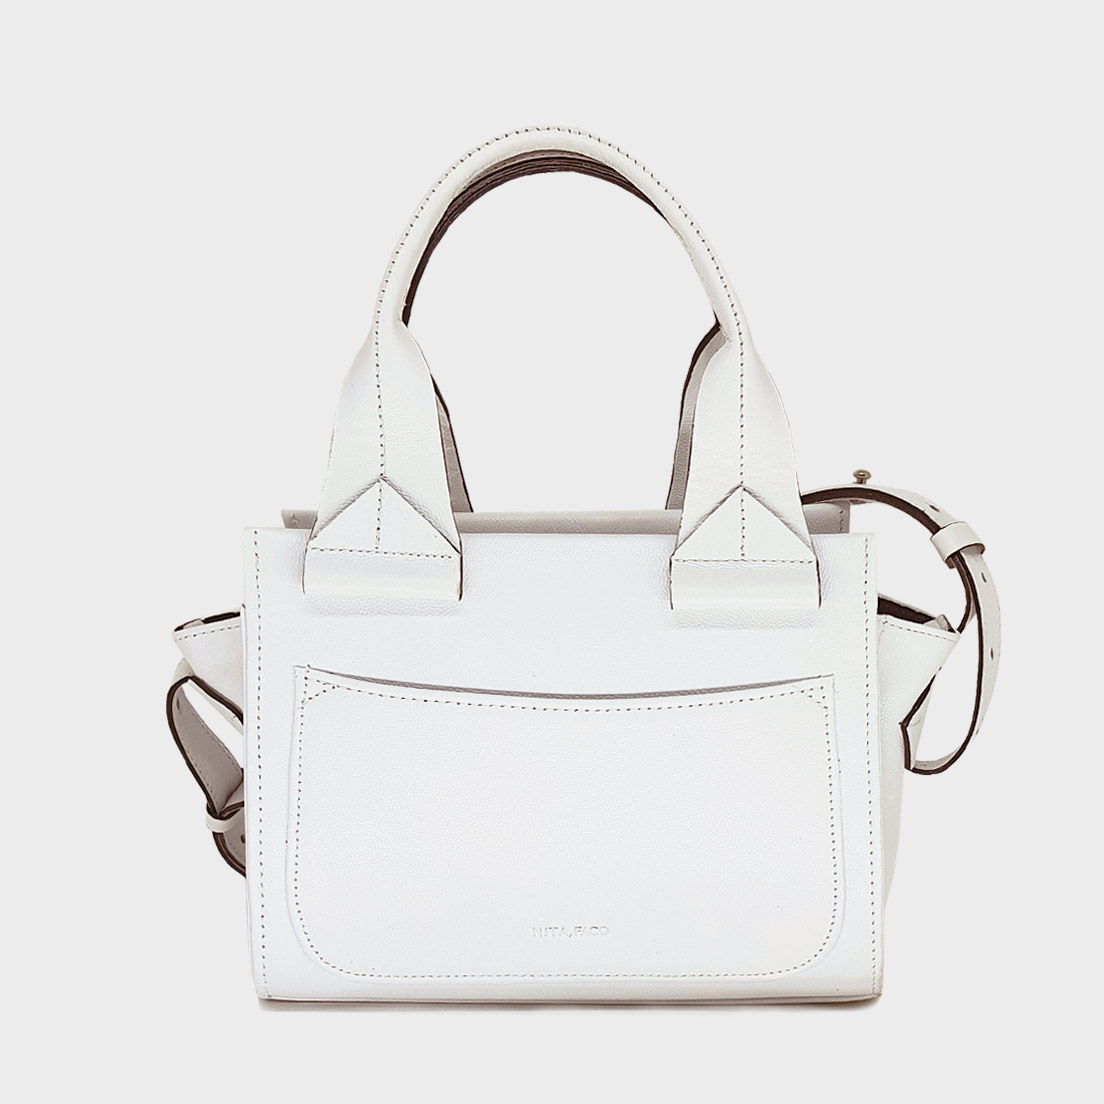 Bolsa de Couro Trento Mini Branca